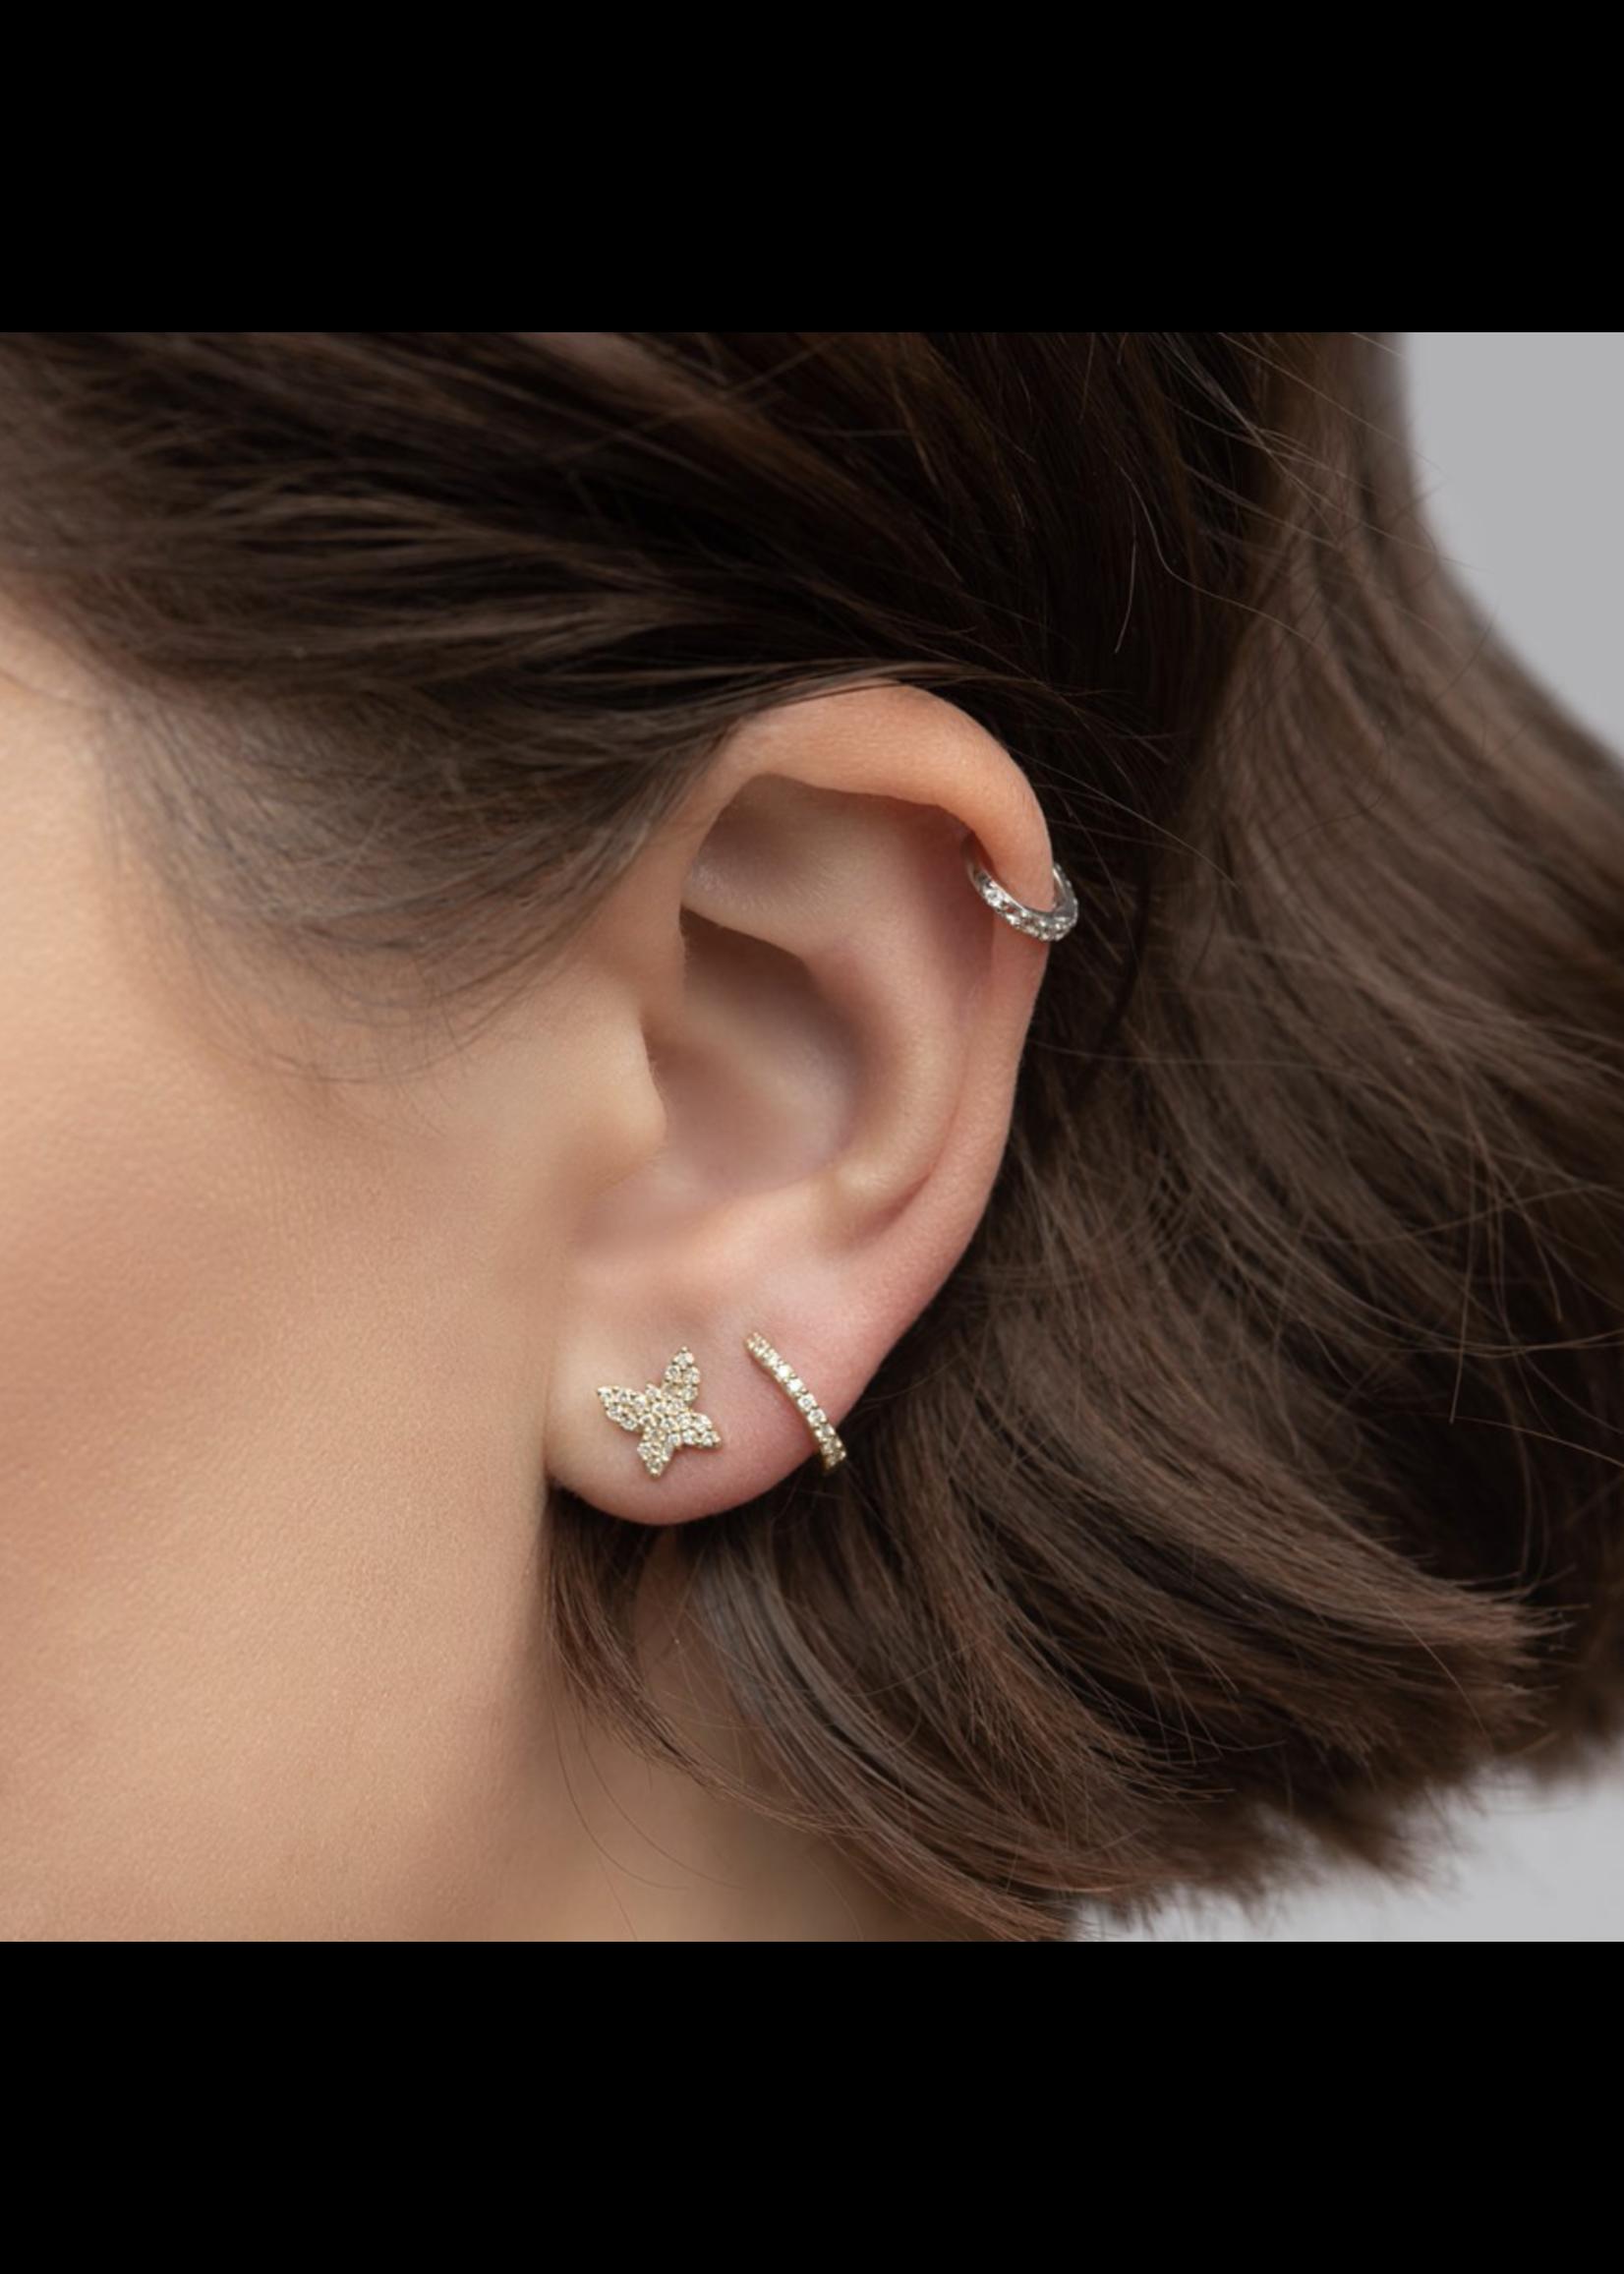 Rachel Reid Butterfly Stud Earrings